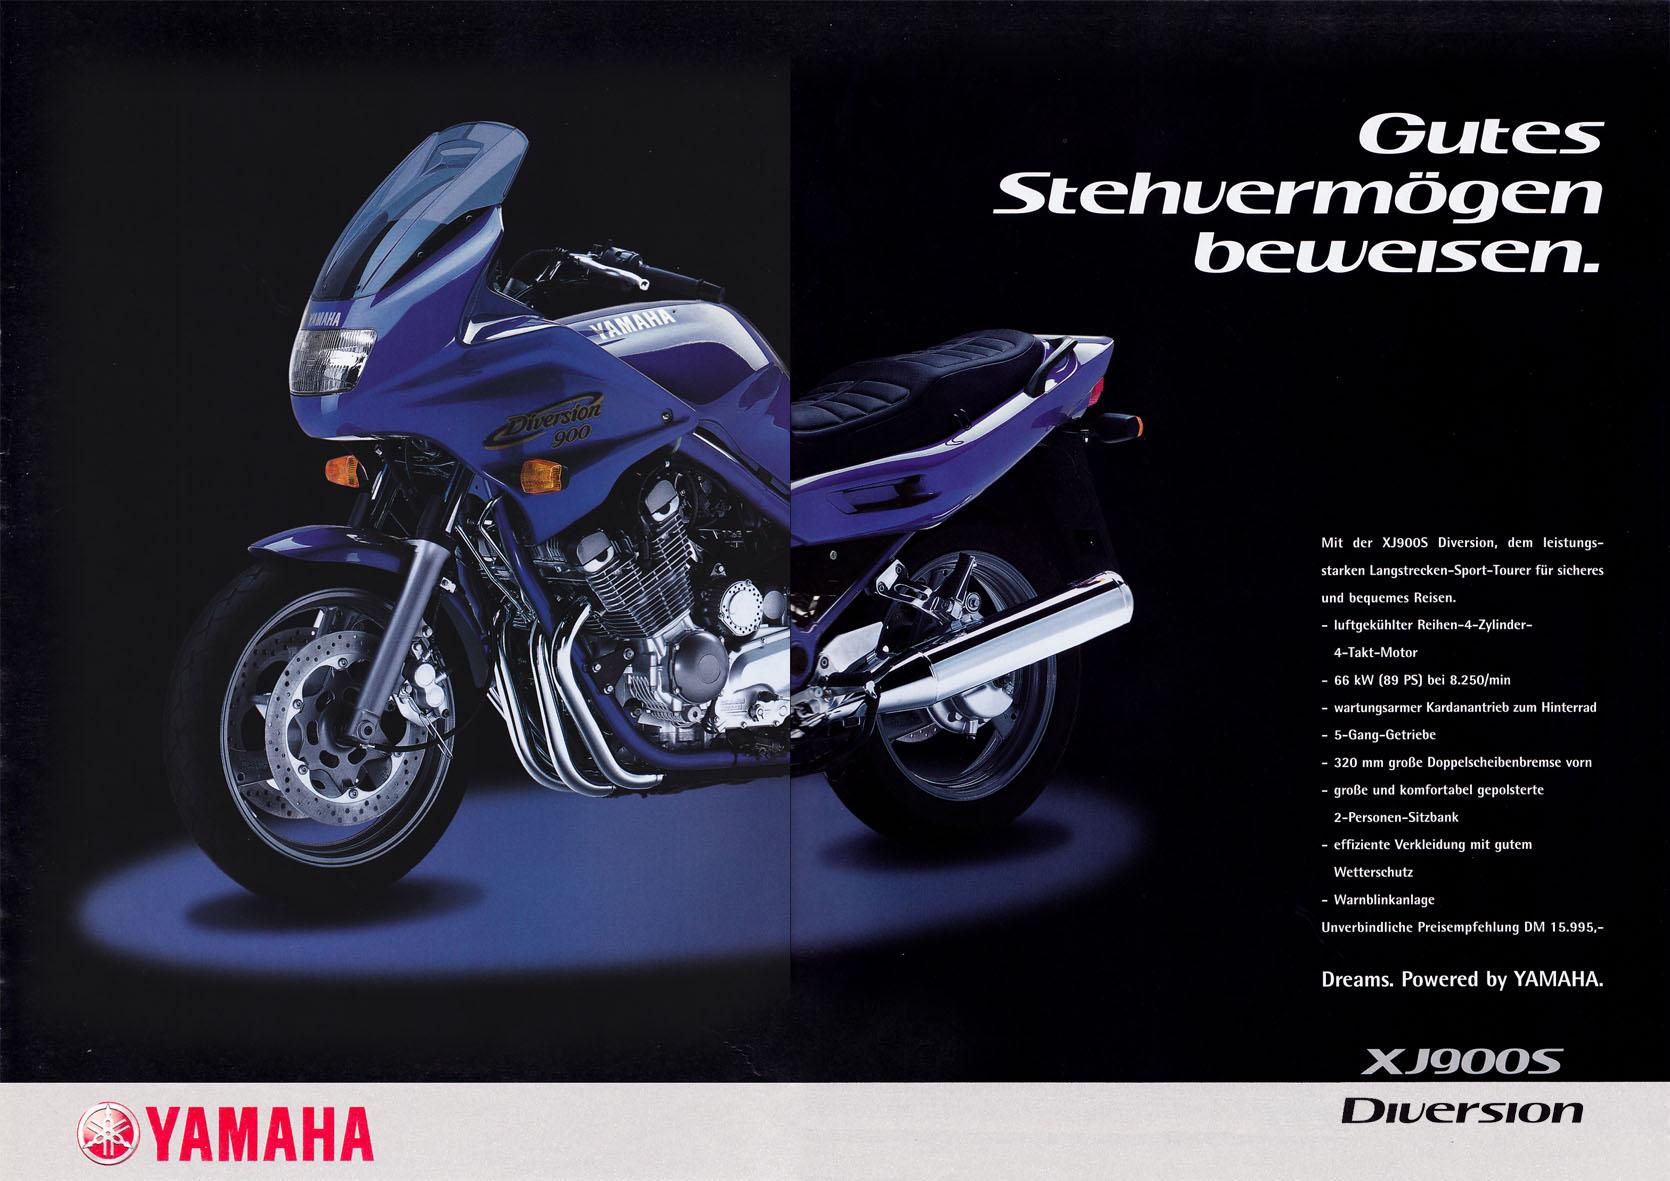 Yamaha Beileger - Gutes Stehvermögen beweisen